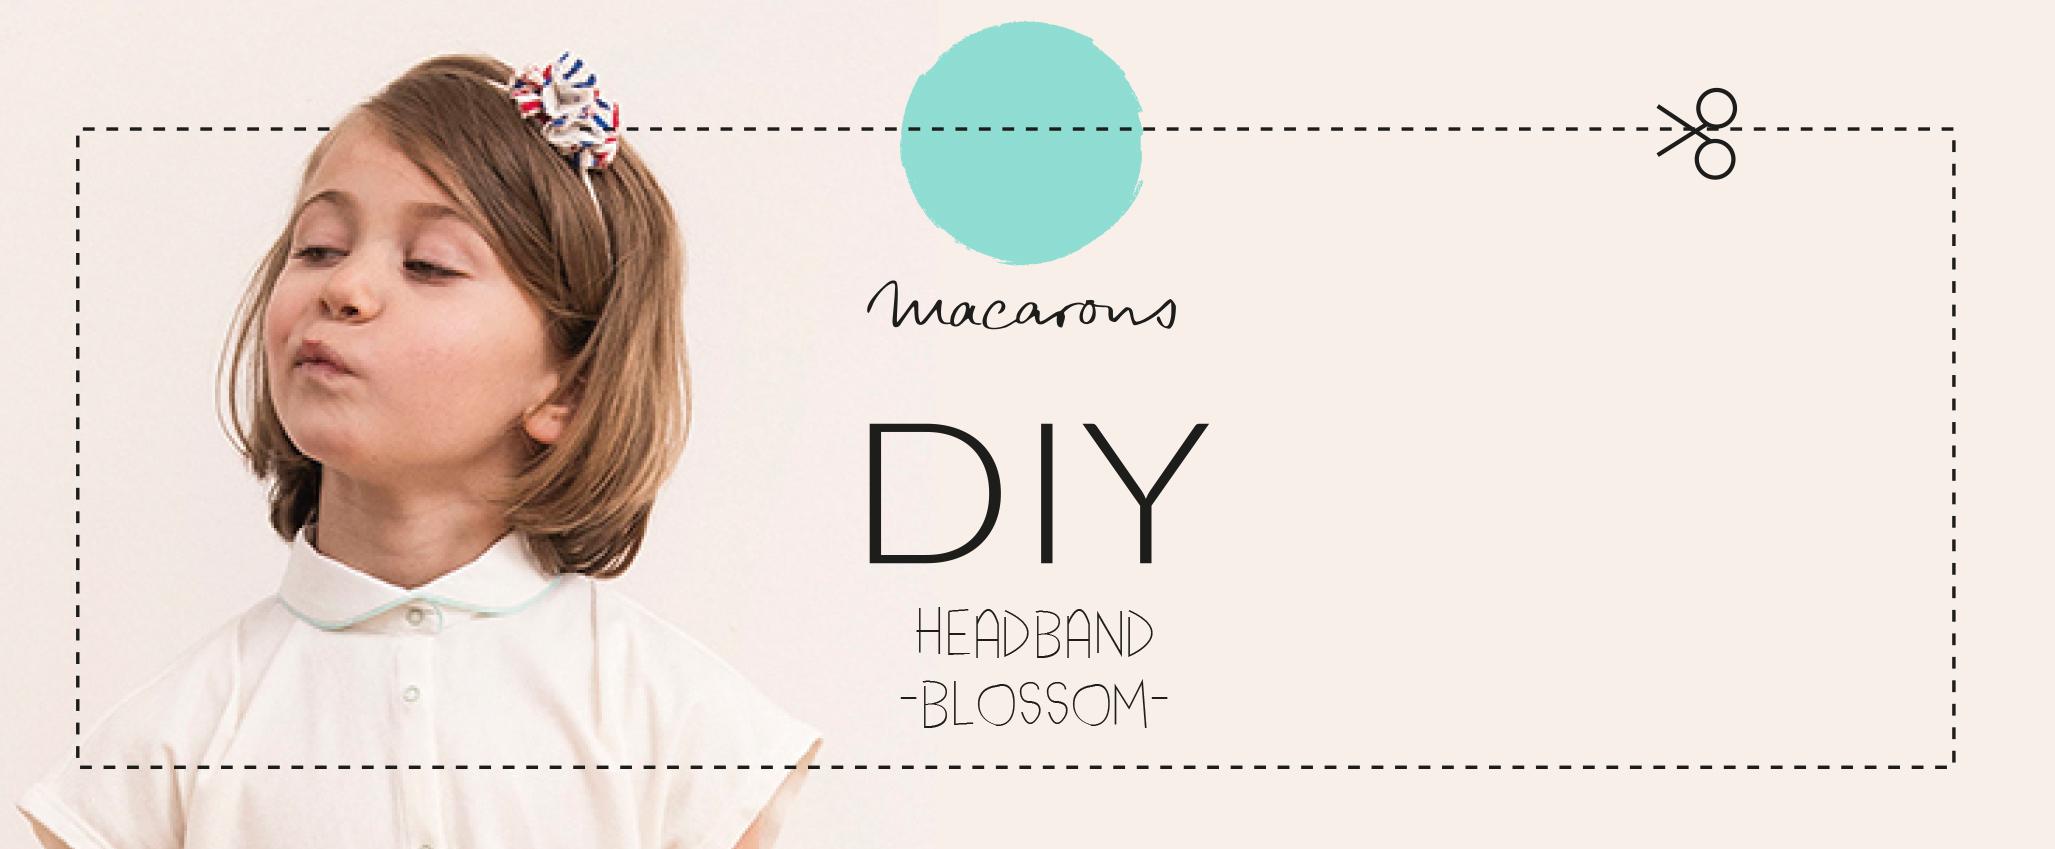 DIY Headband Blossom